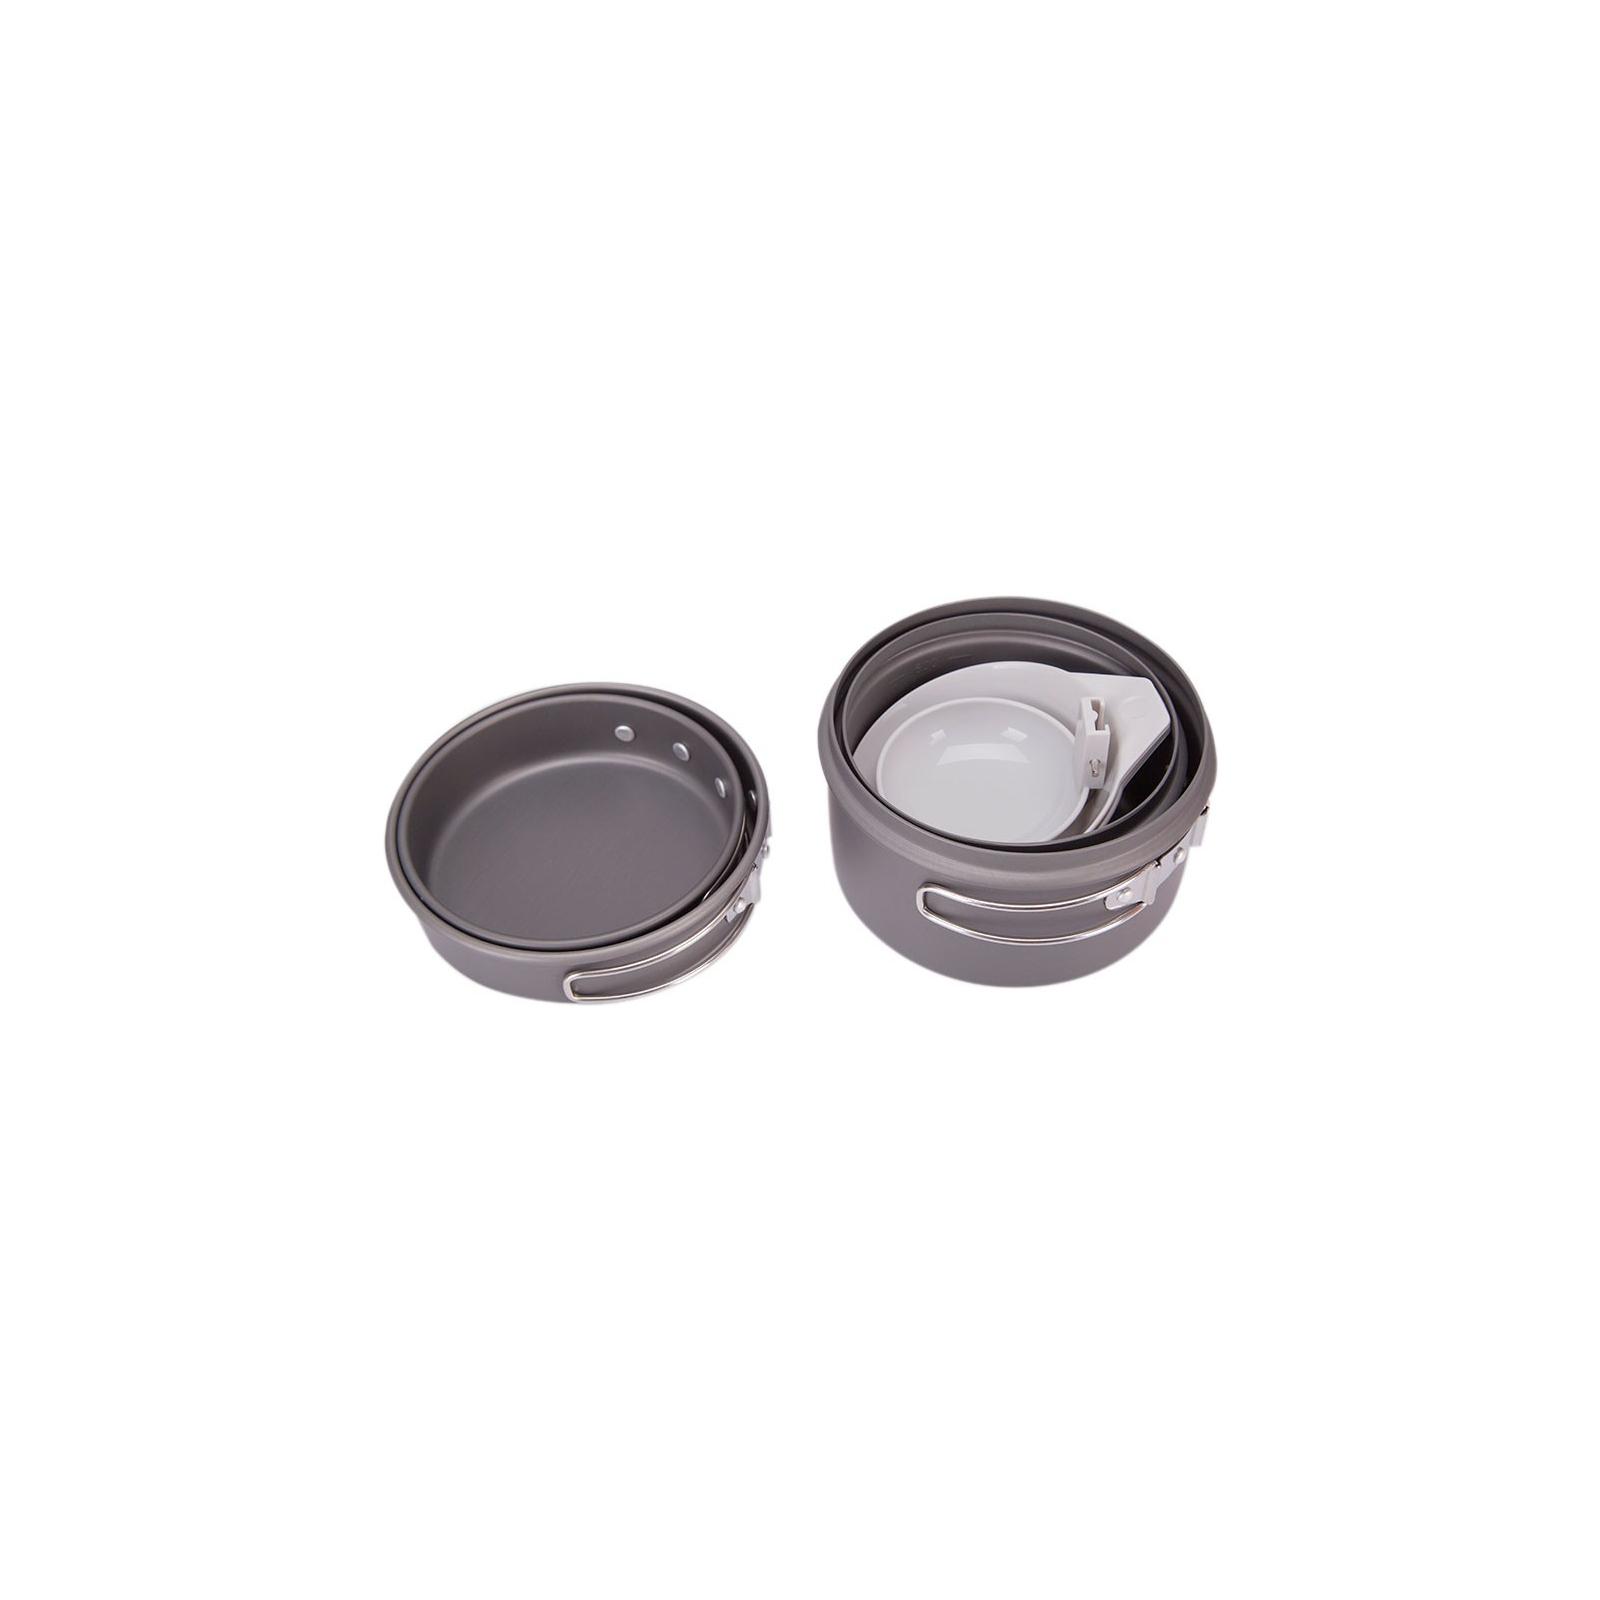 Набор туристической посуды Kovea Solo 2 KSK-SOLO2 (8809000508408) изображение 2